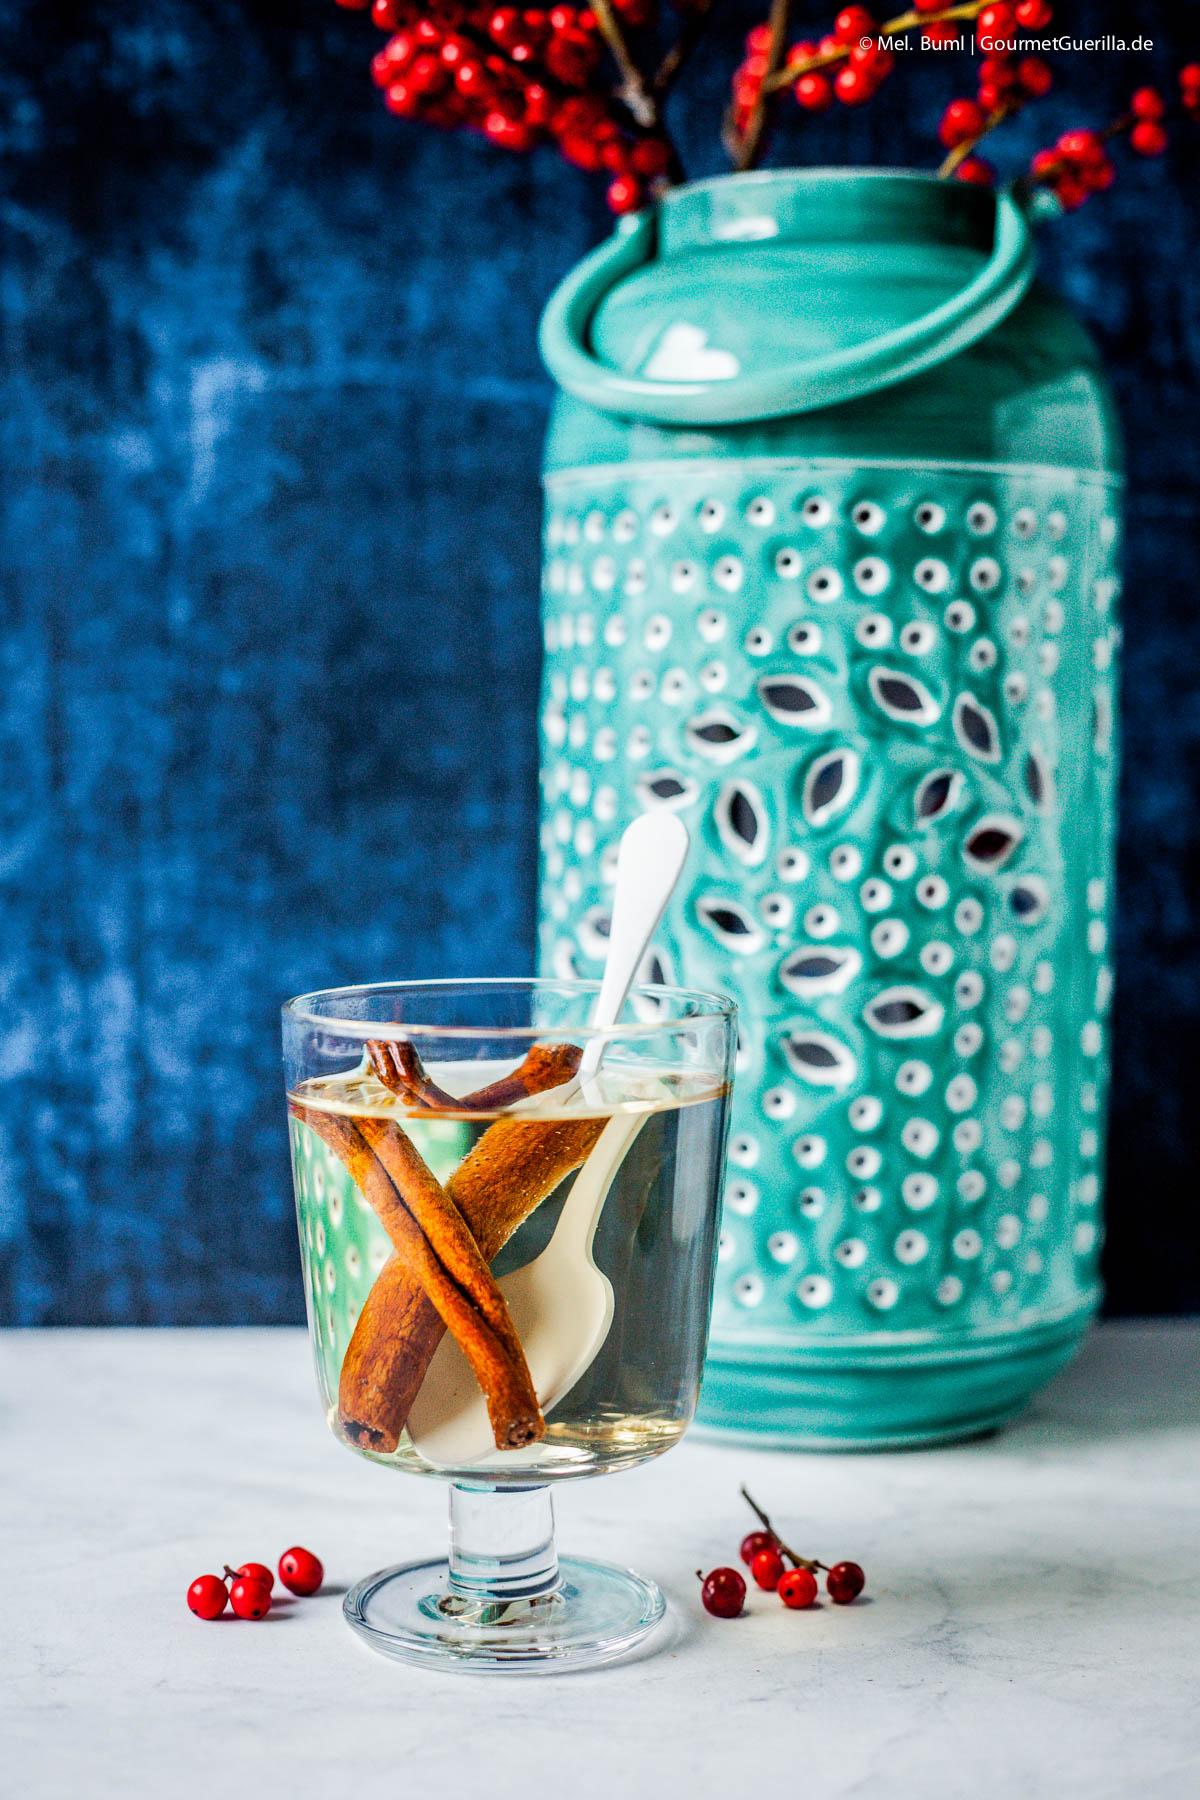 Heiße Thymian-Zitrone mit InSchneller Apfel-Zimt-Tee und 4 Rezepte für schnelle und süffige selbstgemachte Tees für Herbst und Winter.